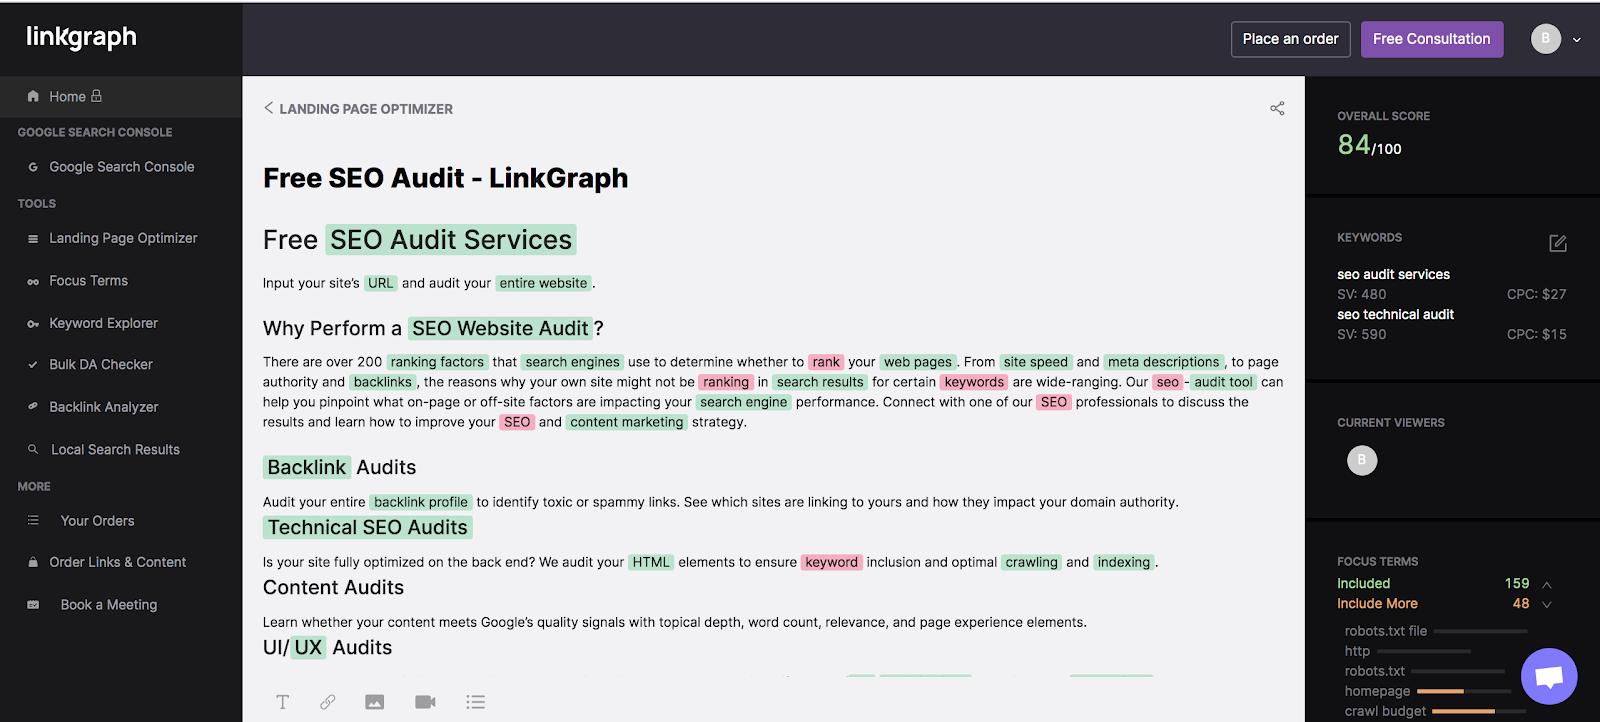 LinkGraph SEO Content Assistant